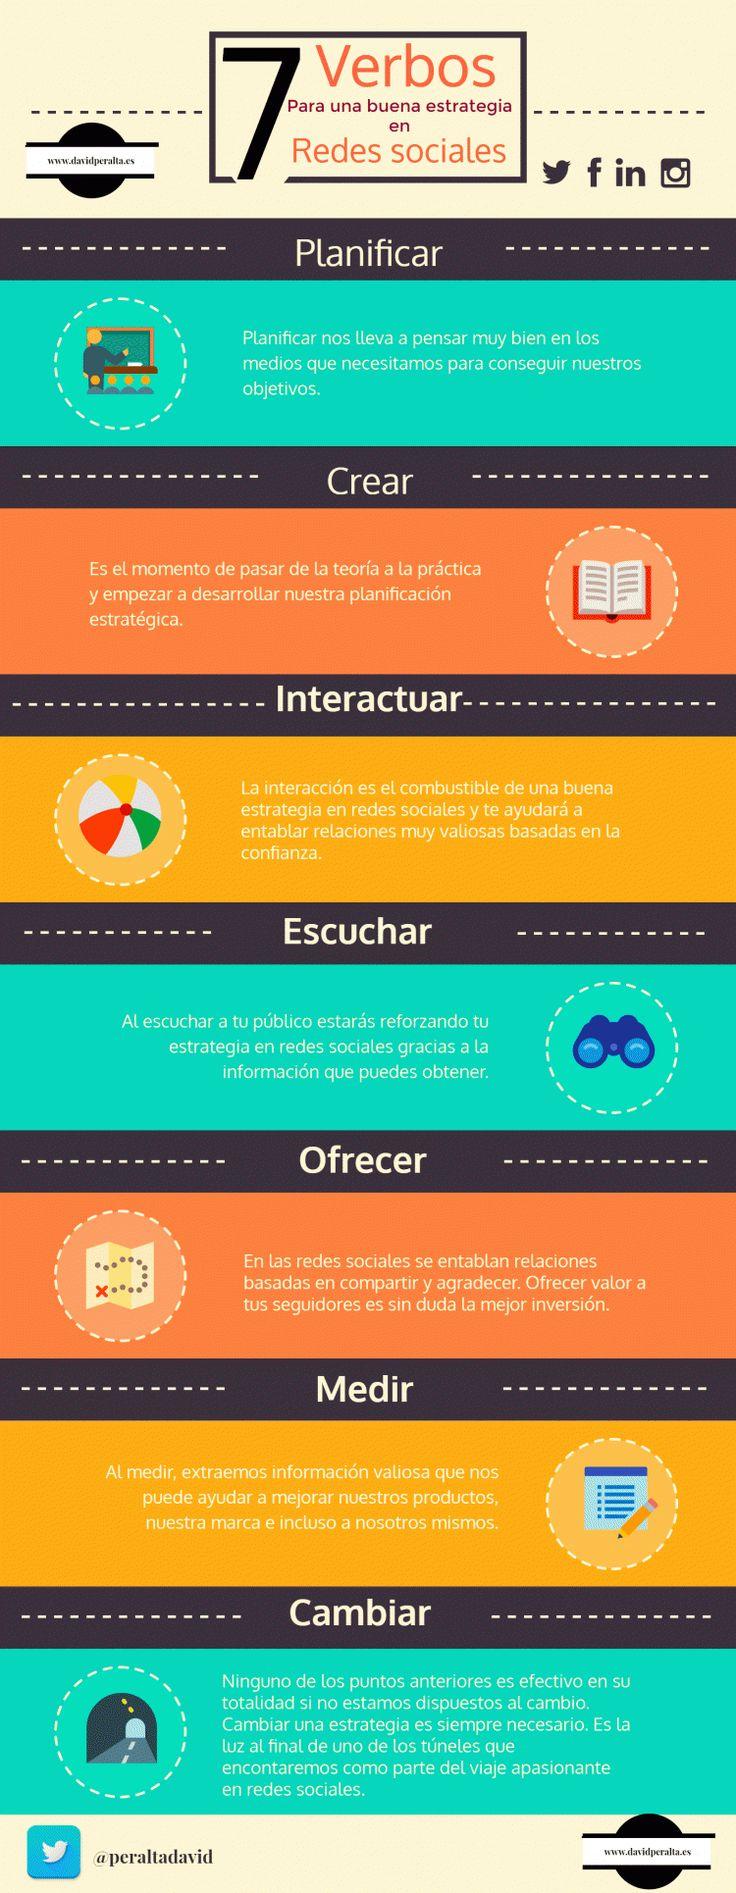 7 verbos para una buena estrategia en redes sociales. Infografía en español. #CommunityManager